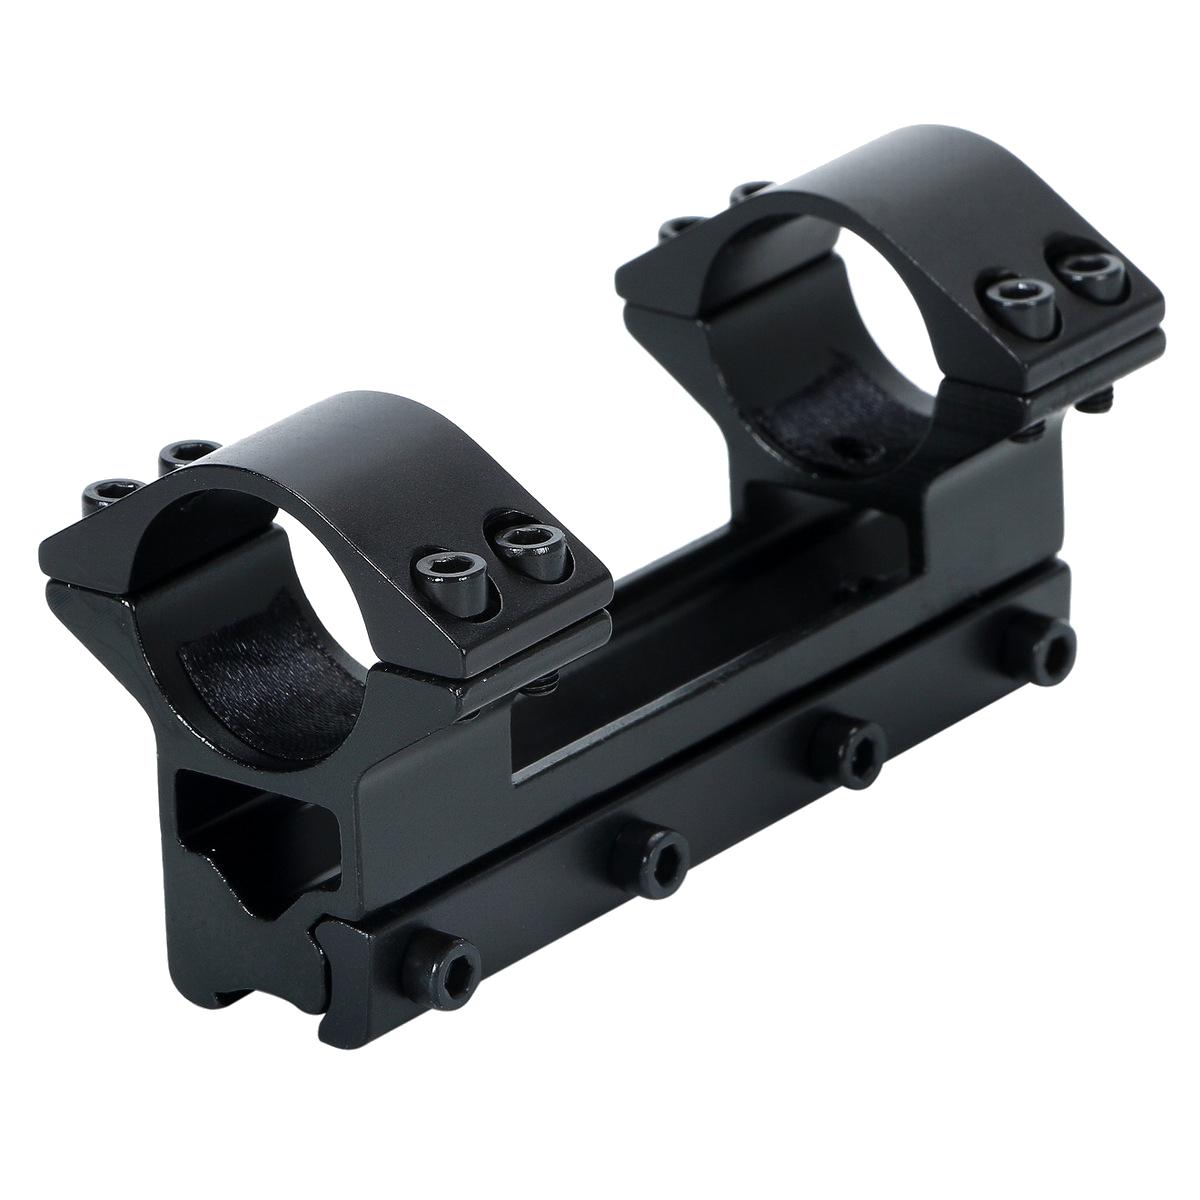 好評受付中 驚きの値段で 11mmレール対応25.4mm径ダブルリングスコープマウント 25.4mm 径 11mmレール対応 スコープマウント ダブルリング